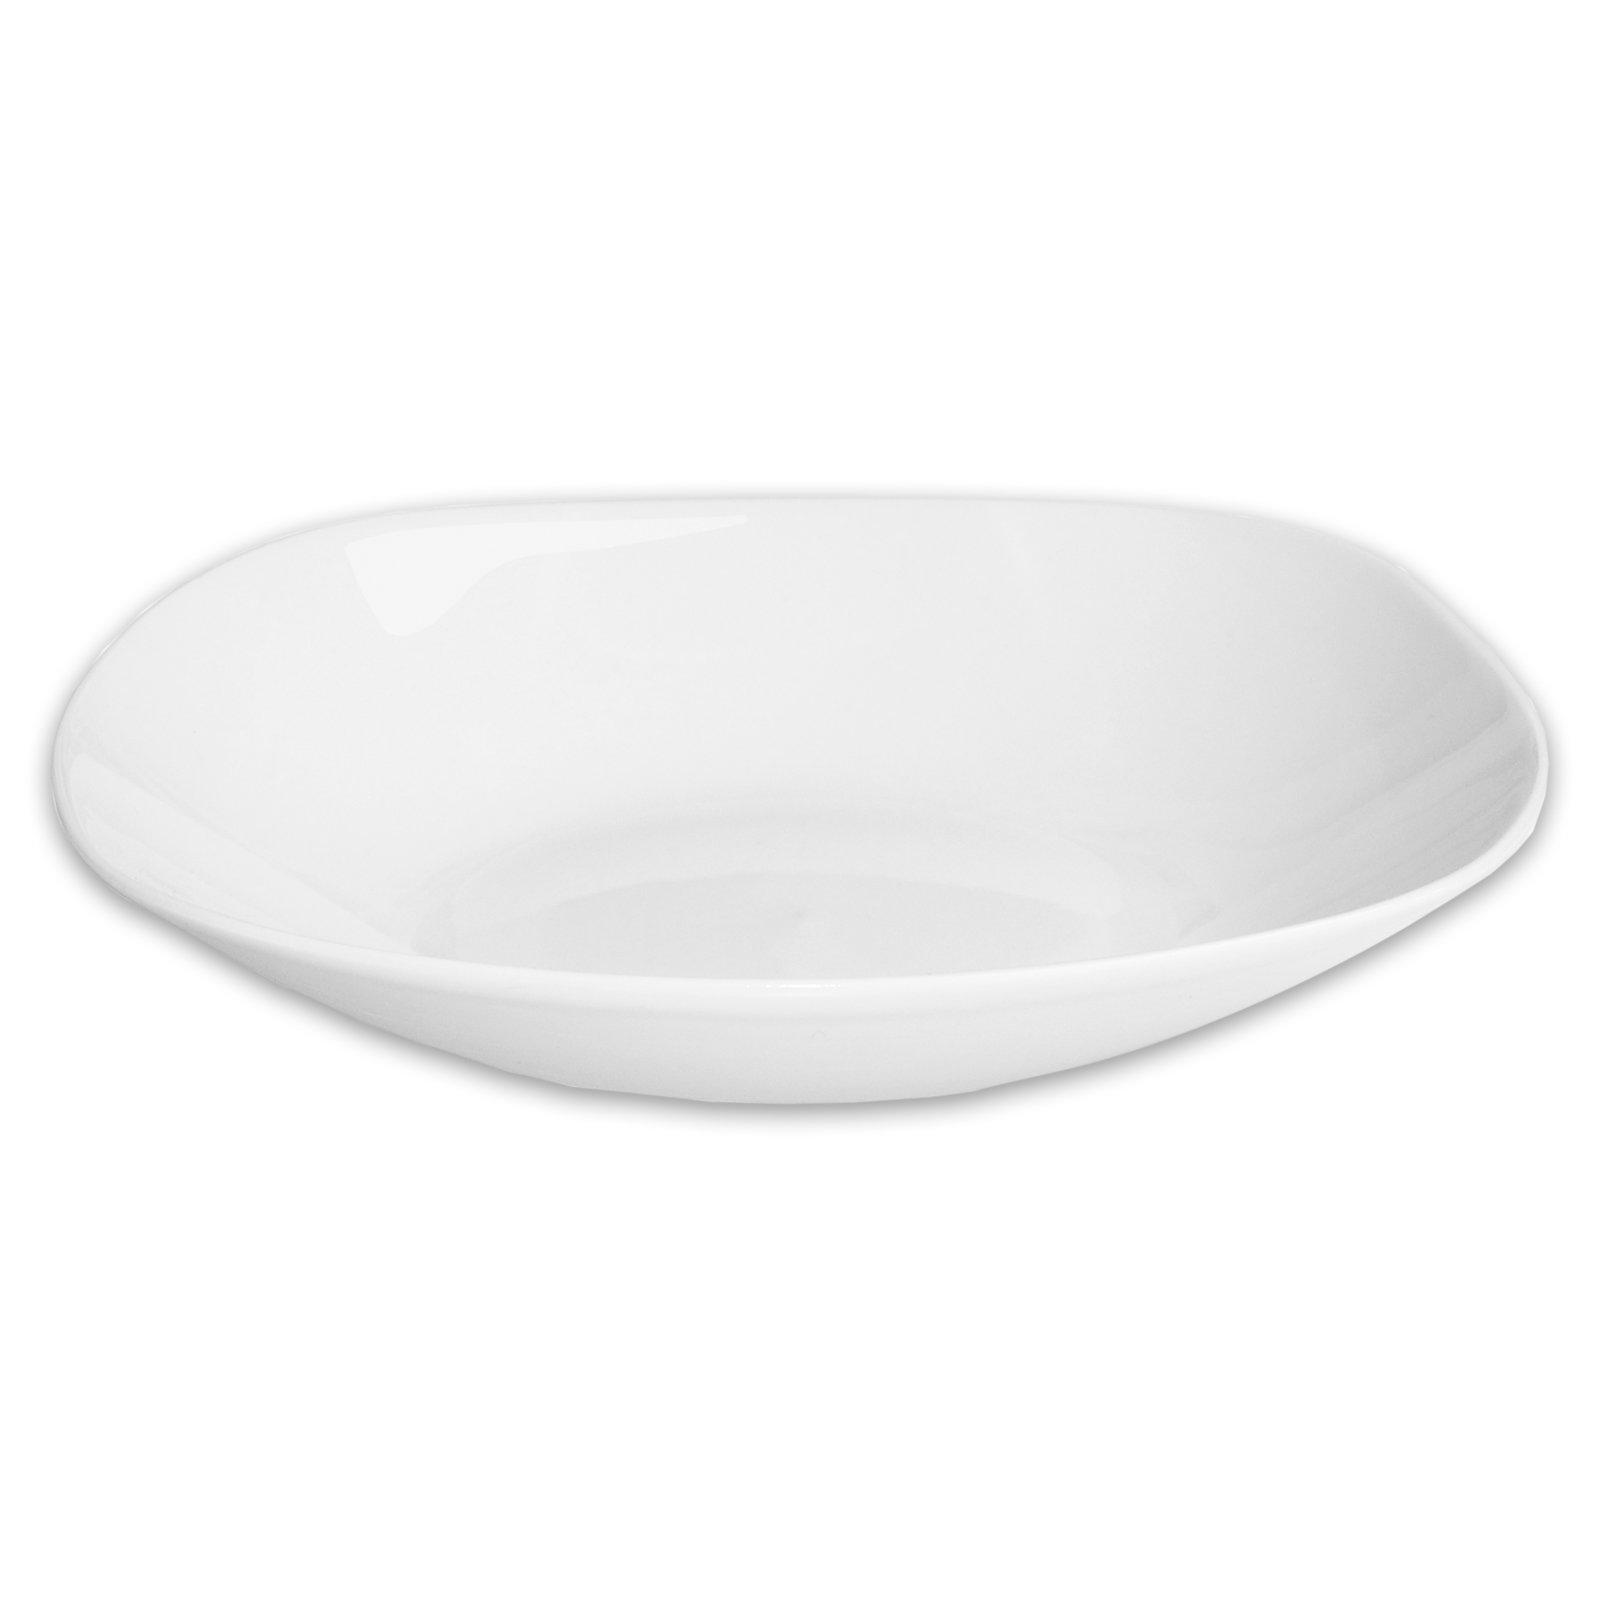 Suppenteller TANGOLO - weiß - Porzellan - Ø 23 cm